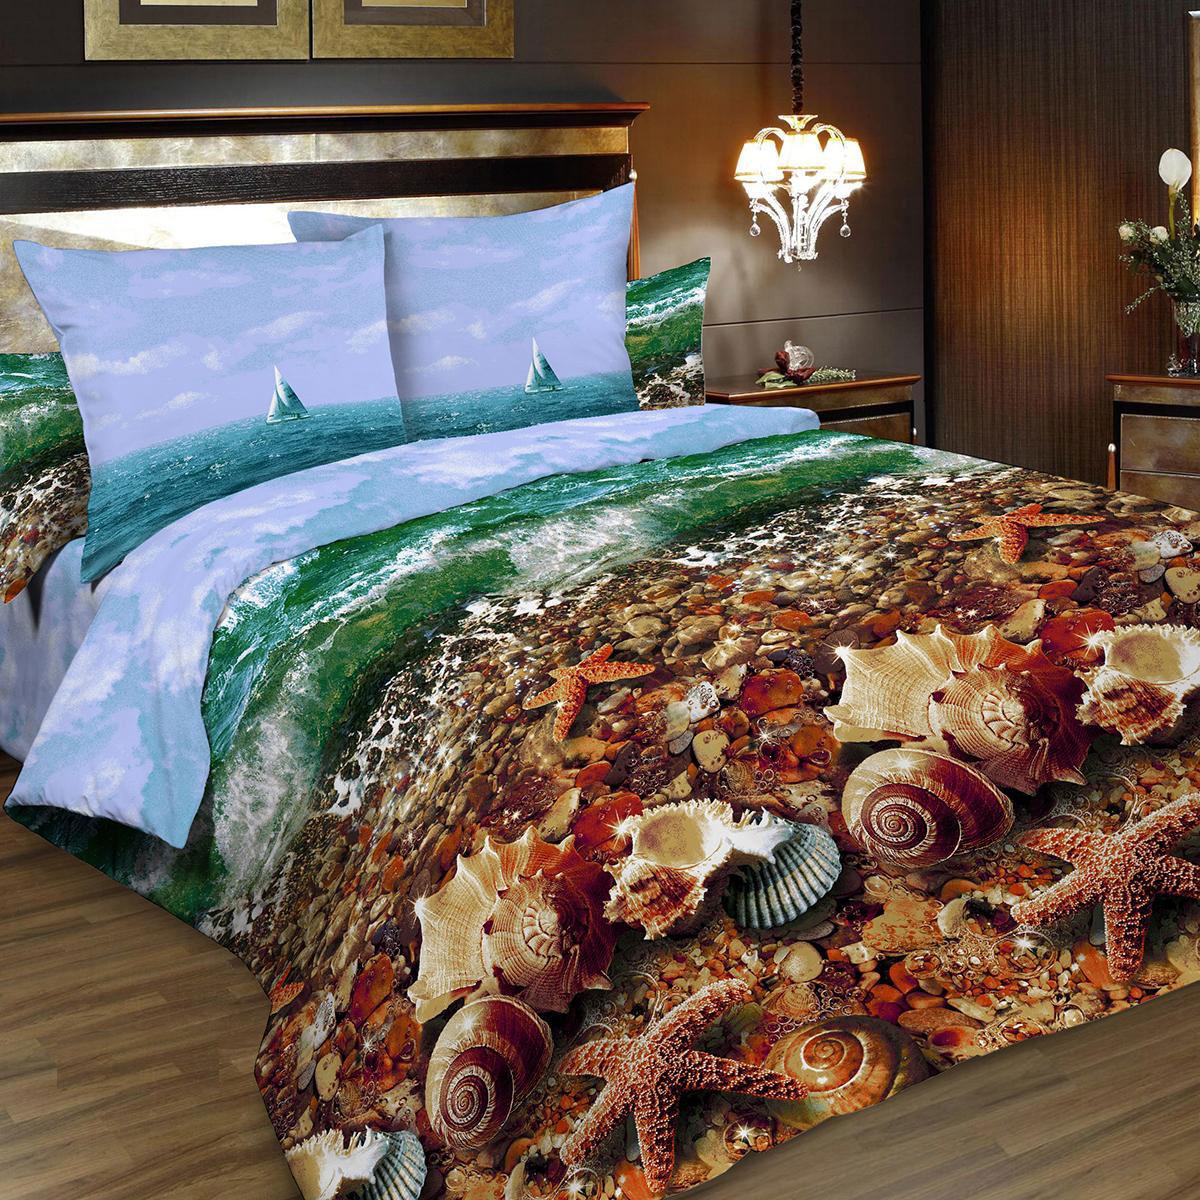 Комплект белья Letto Традиция, евро, наволочки 70x70, цвет: голубой, коричневый комплект постельного белья michelle home textiles kdbb